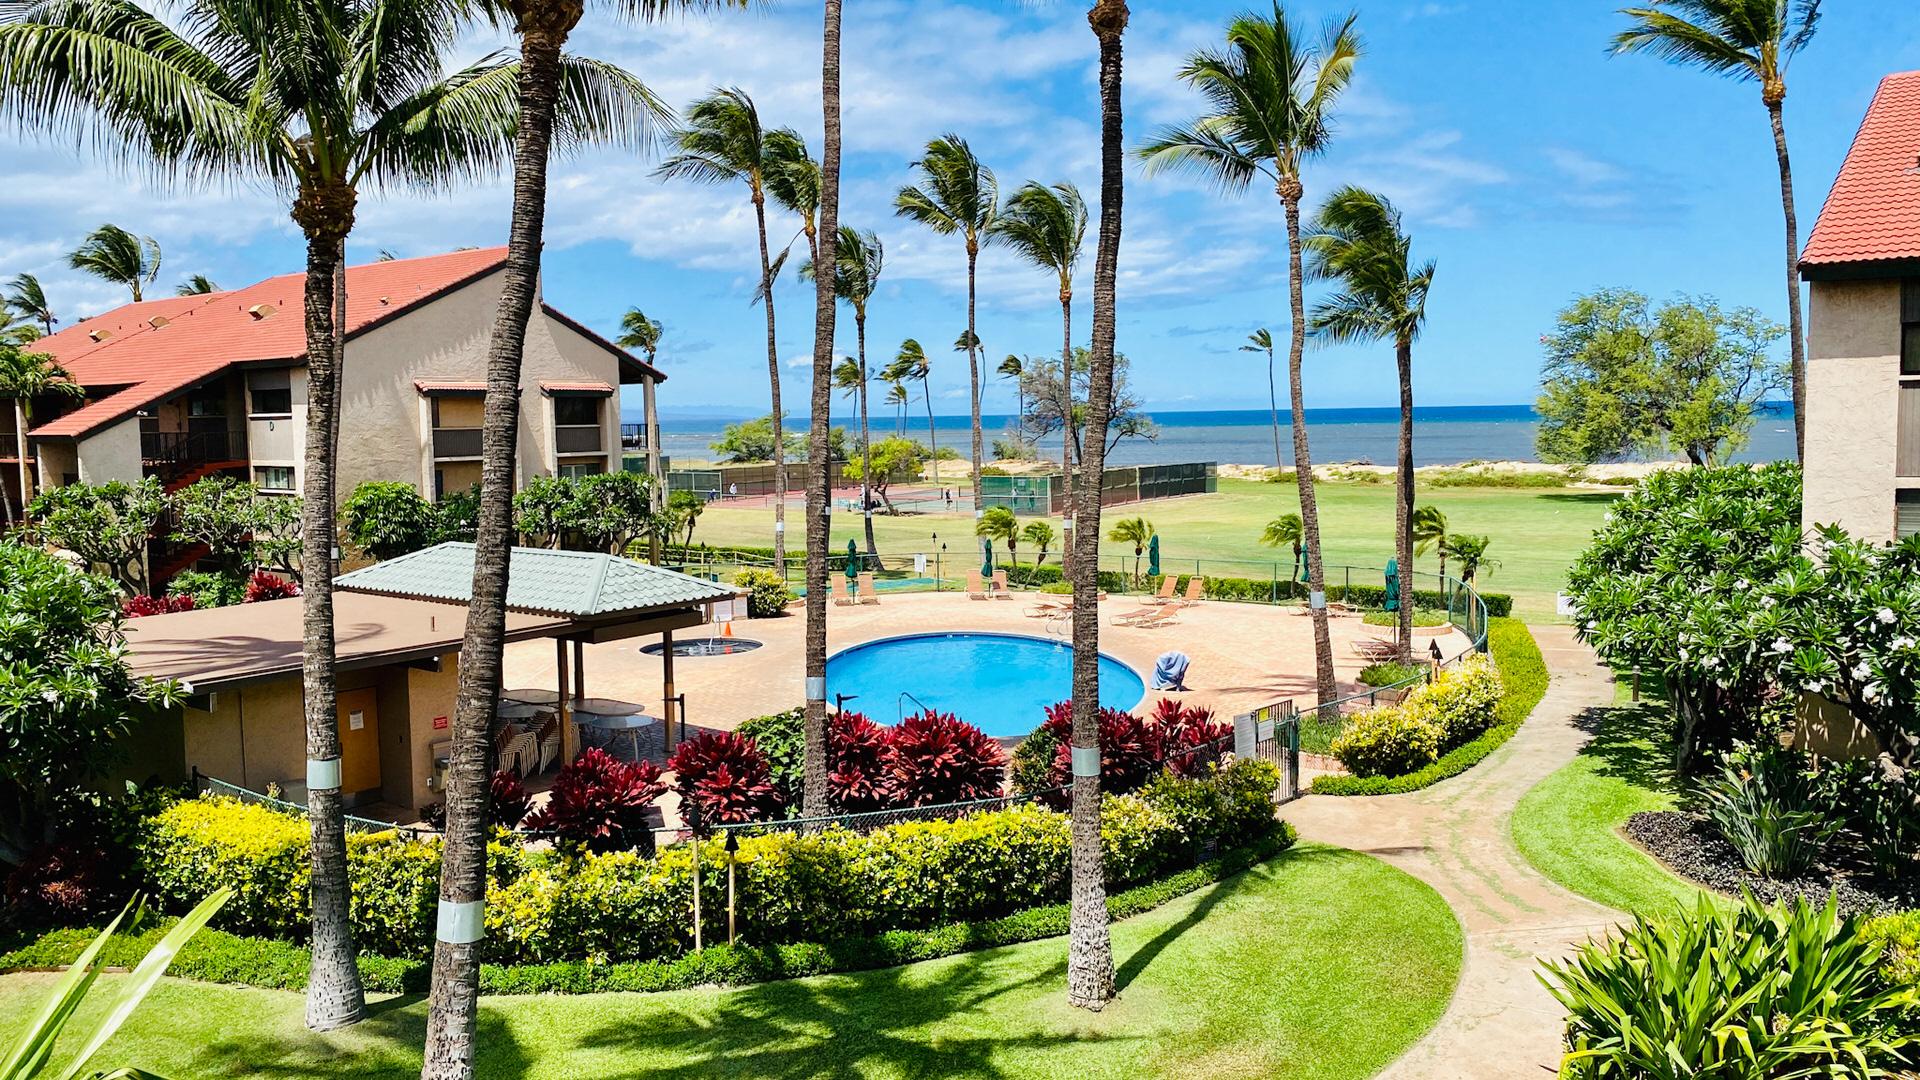 B311 Pool and Ocean View